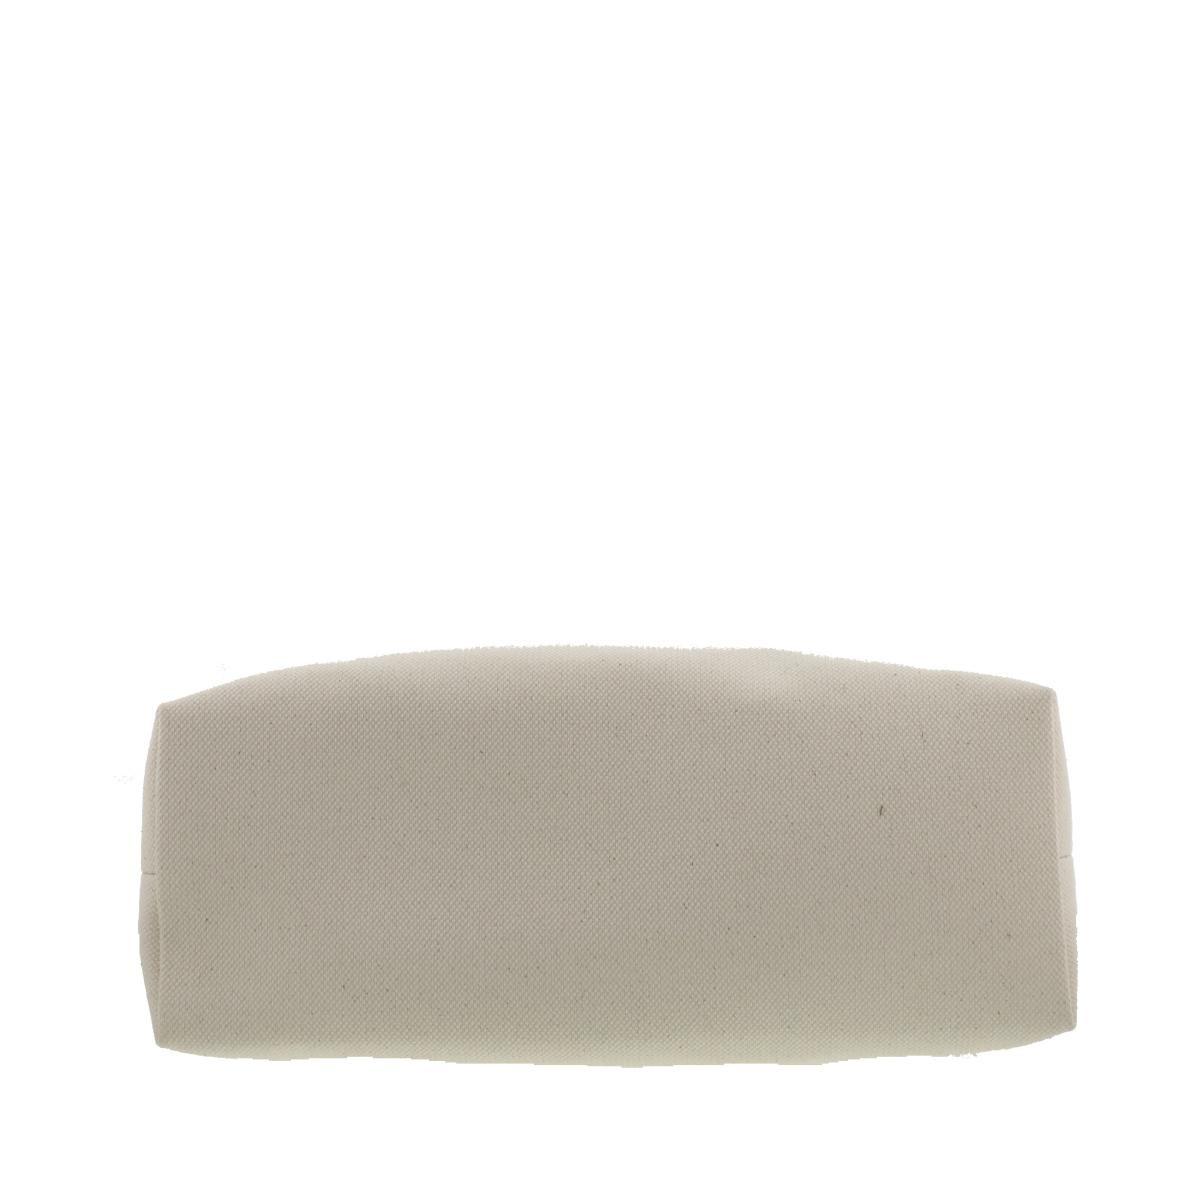 【即日発送・水曜定休日・木曜発送】【極上品】【オススメ】【RI】 CELINE (セリーヌ) ホリゾンタルカバ トートバッグ バッグ トートバッグ ホリゾンタルカバ Ivory/アイボリー 190062BNZ unused:S